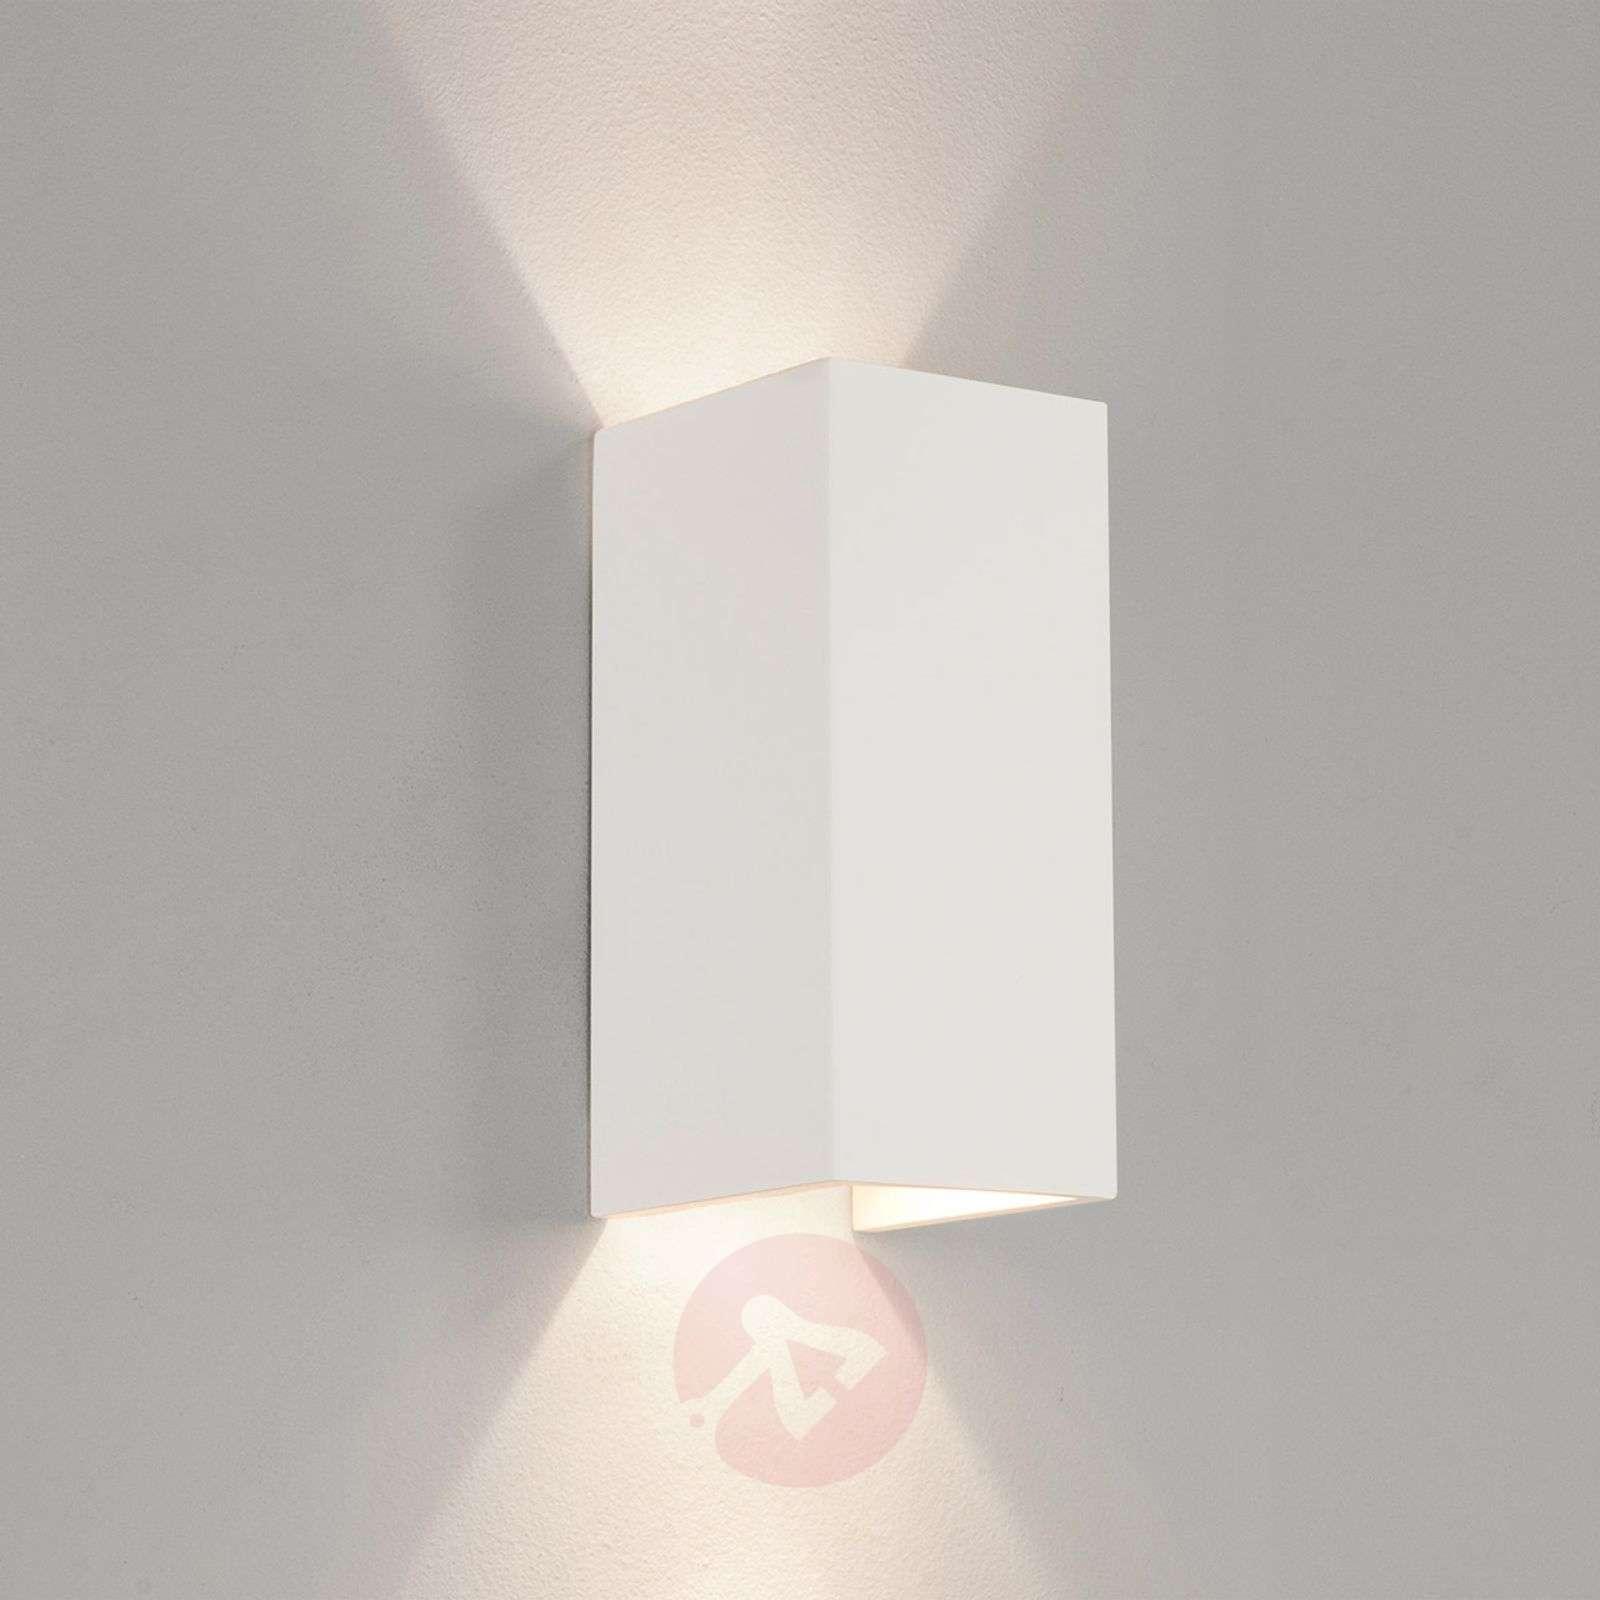 Parma 210 Wall Light Cuboid-1020346-02